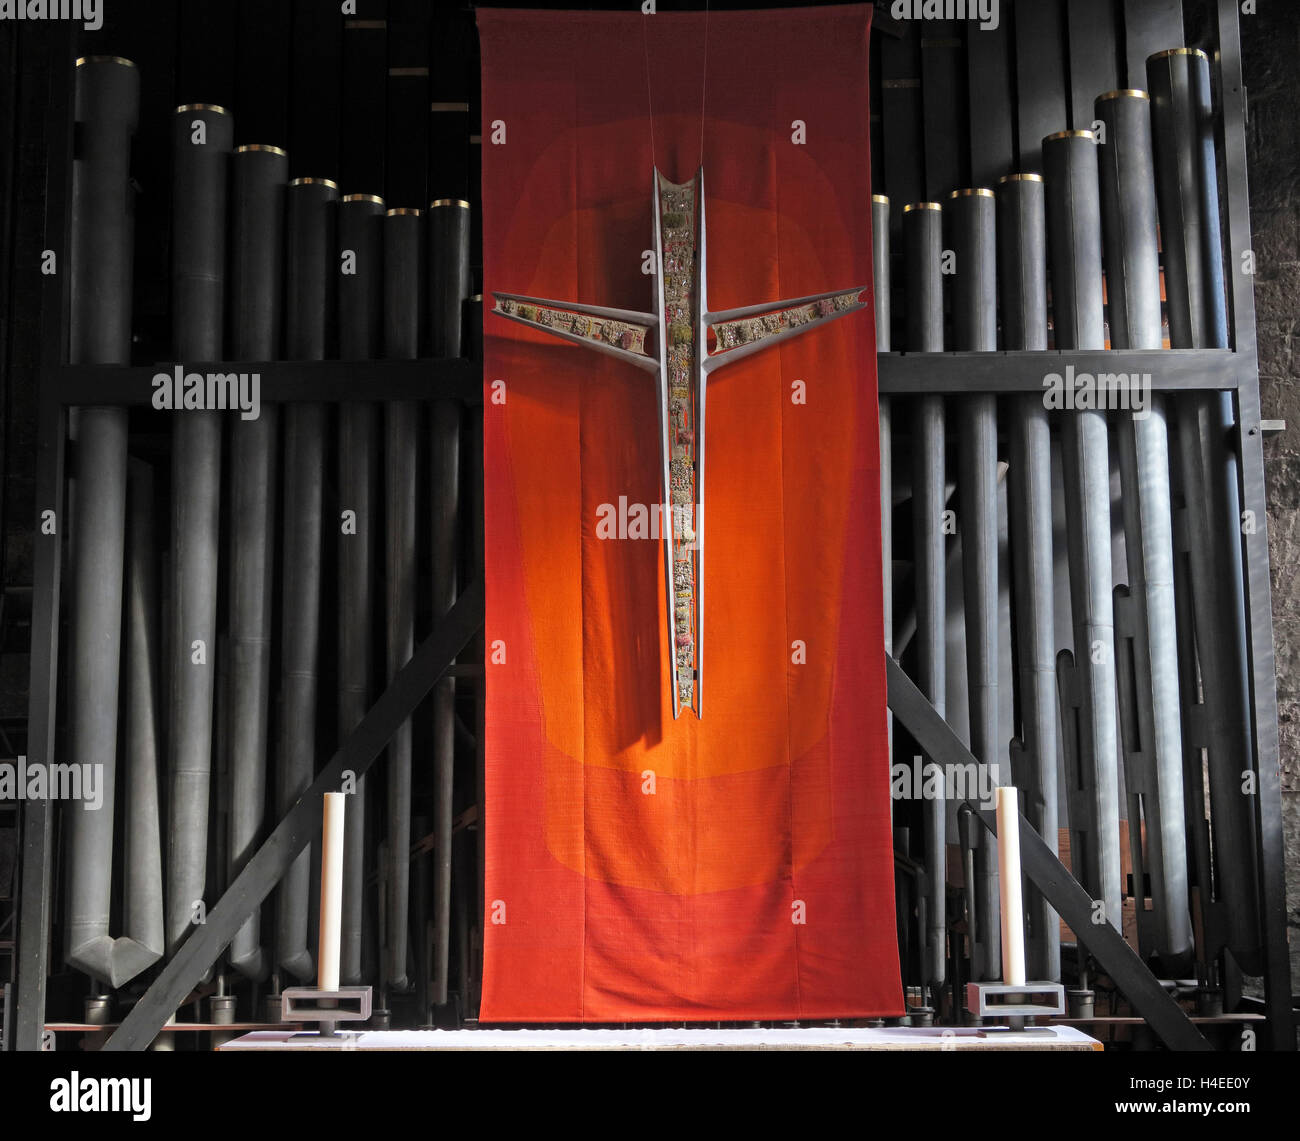 Laden Sie dieses Alamy Stockfoto Kruzifix und Orgel Rohre, Manchester Kathedrale, England, UK - H4EE0Y